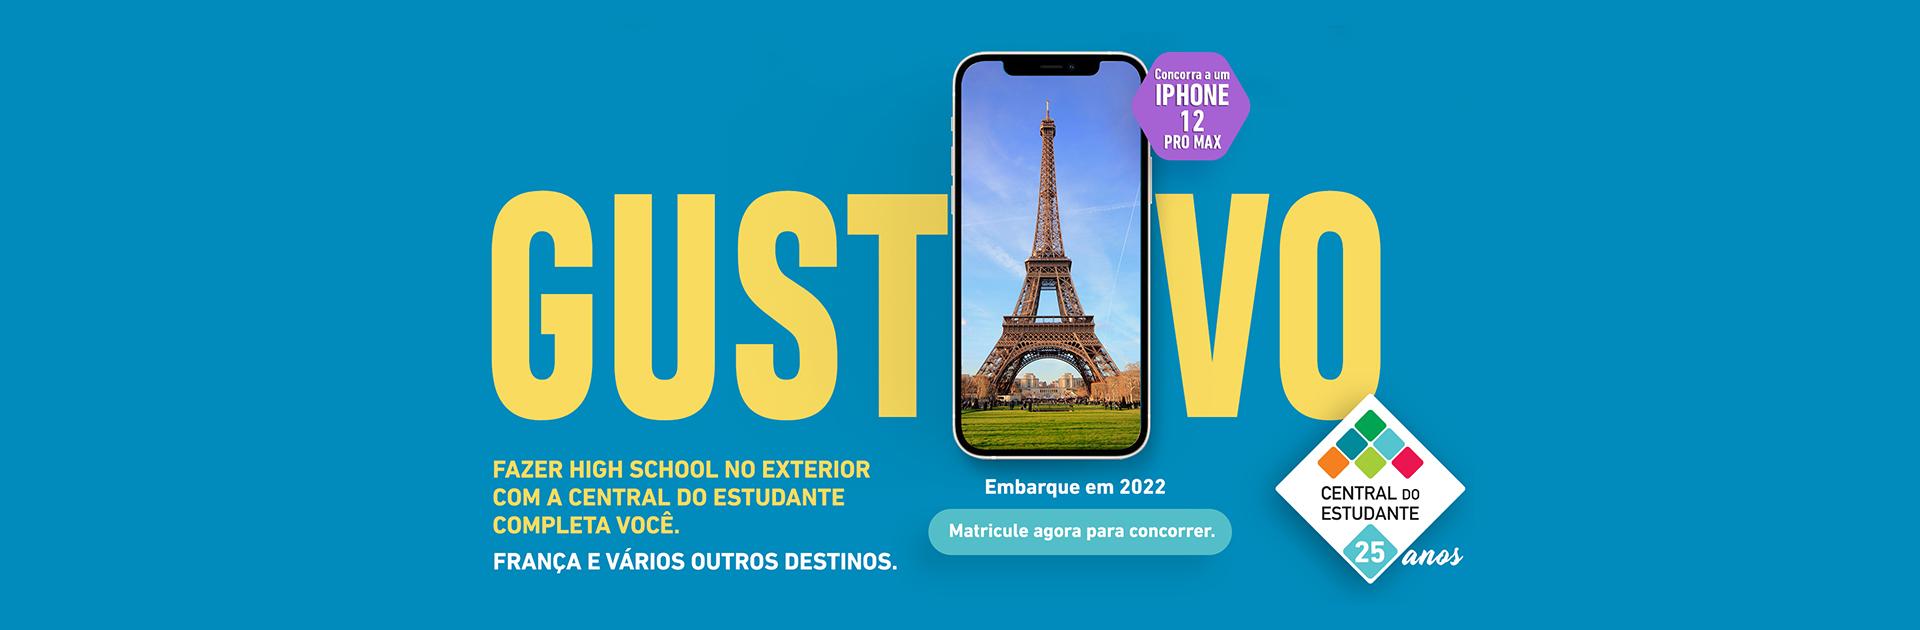 10185_central_estudantes_campanha2022_Alunos_gustavo